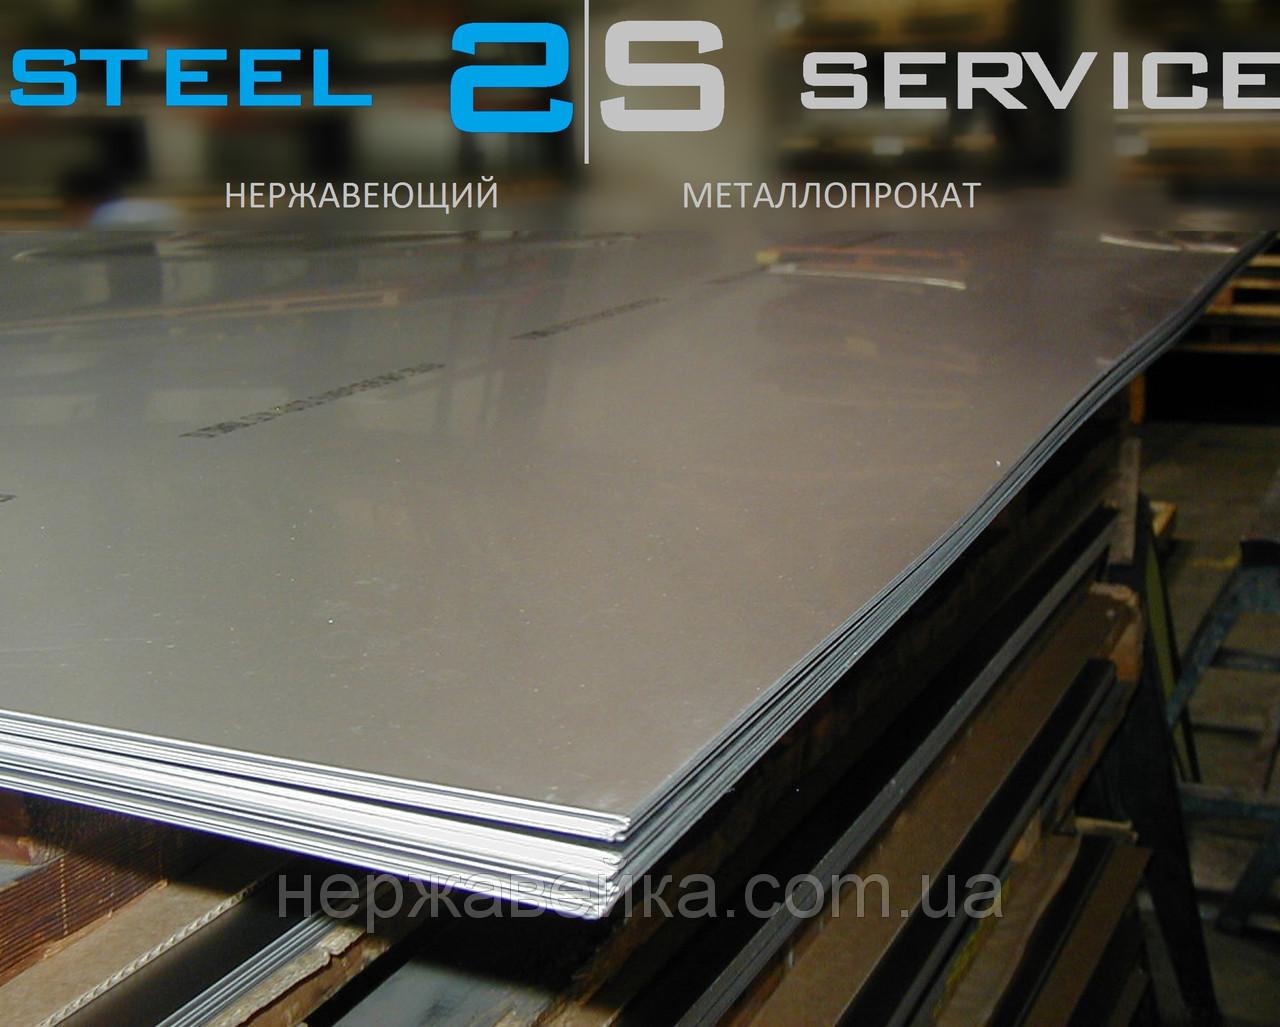 Нержавеющий лист 12х1250х2500мм  AISI 309(20Х23Н13, 20Х20Н14С2) F1 - горячекатанный,  жаропрочный